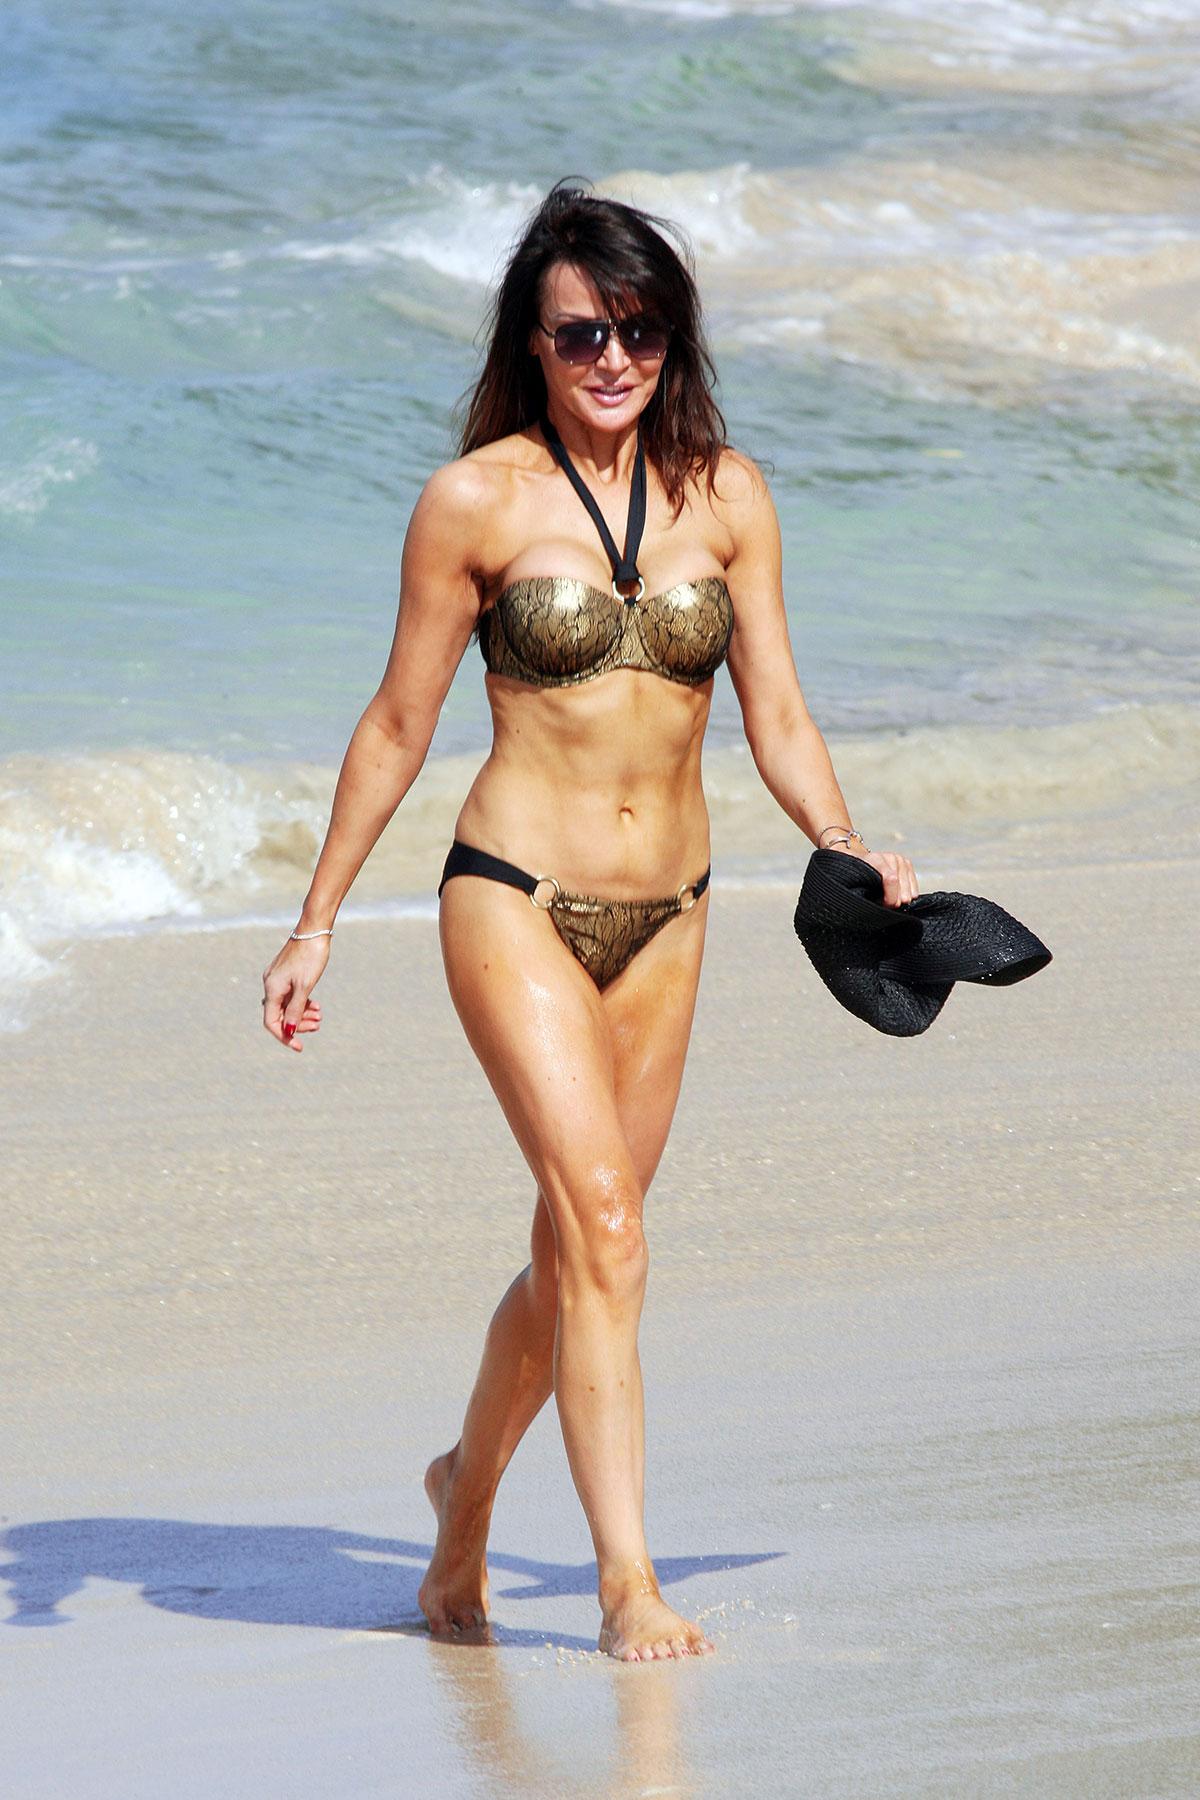 Lizzie cundy bikini